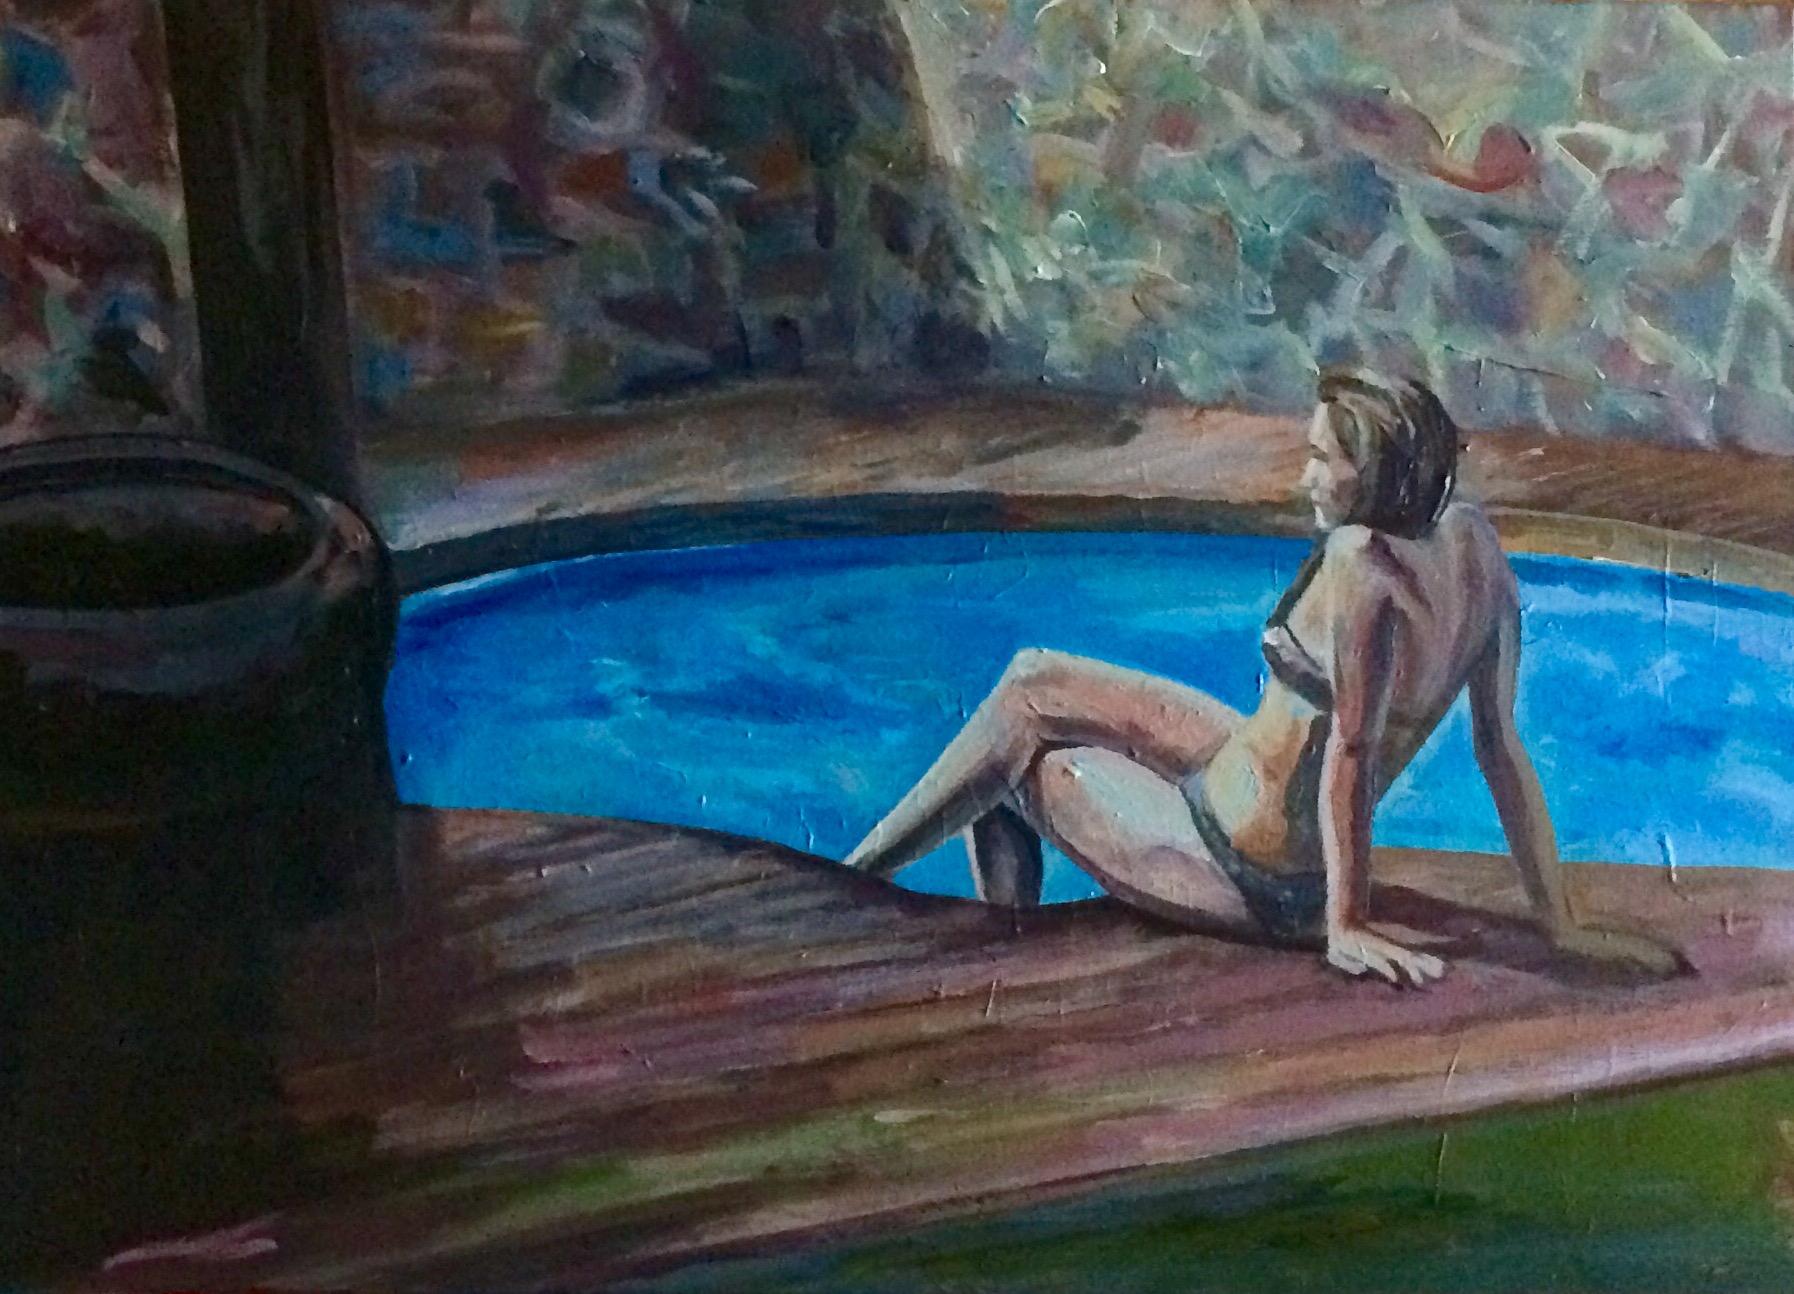 Chica en la piscina privada (2019) - J. Martos Latorre